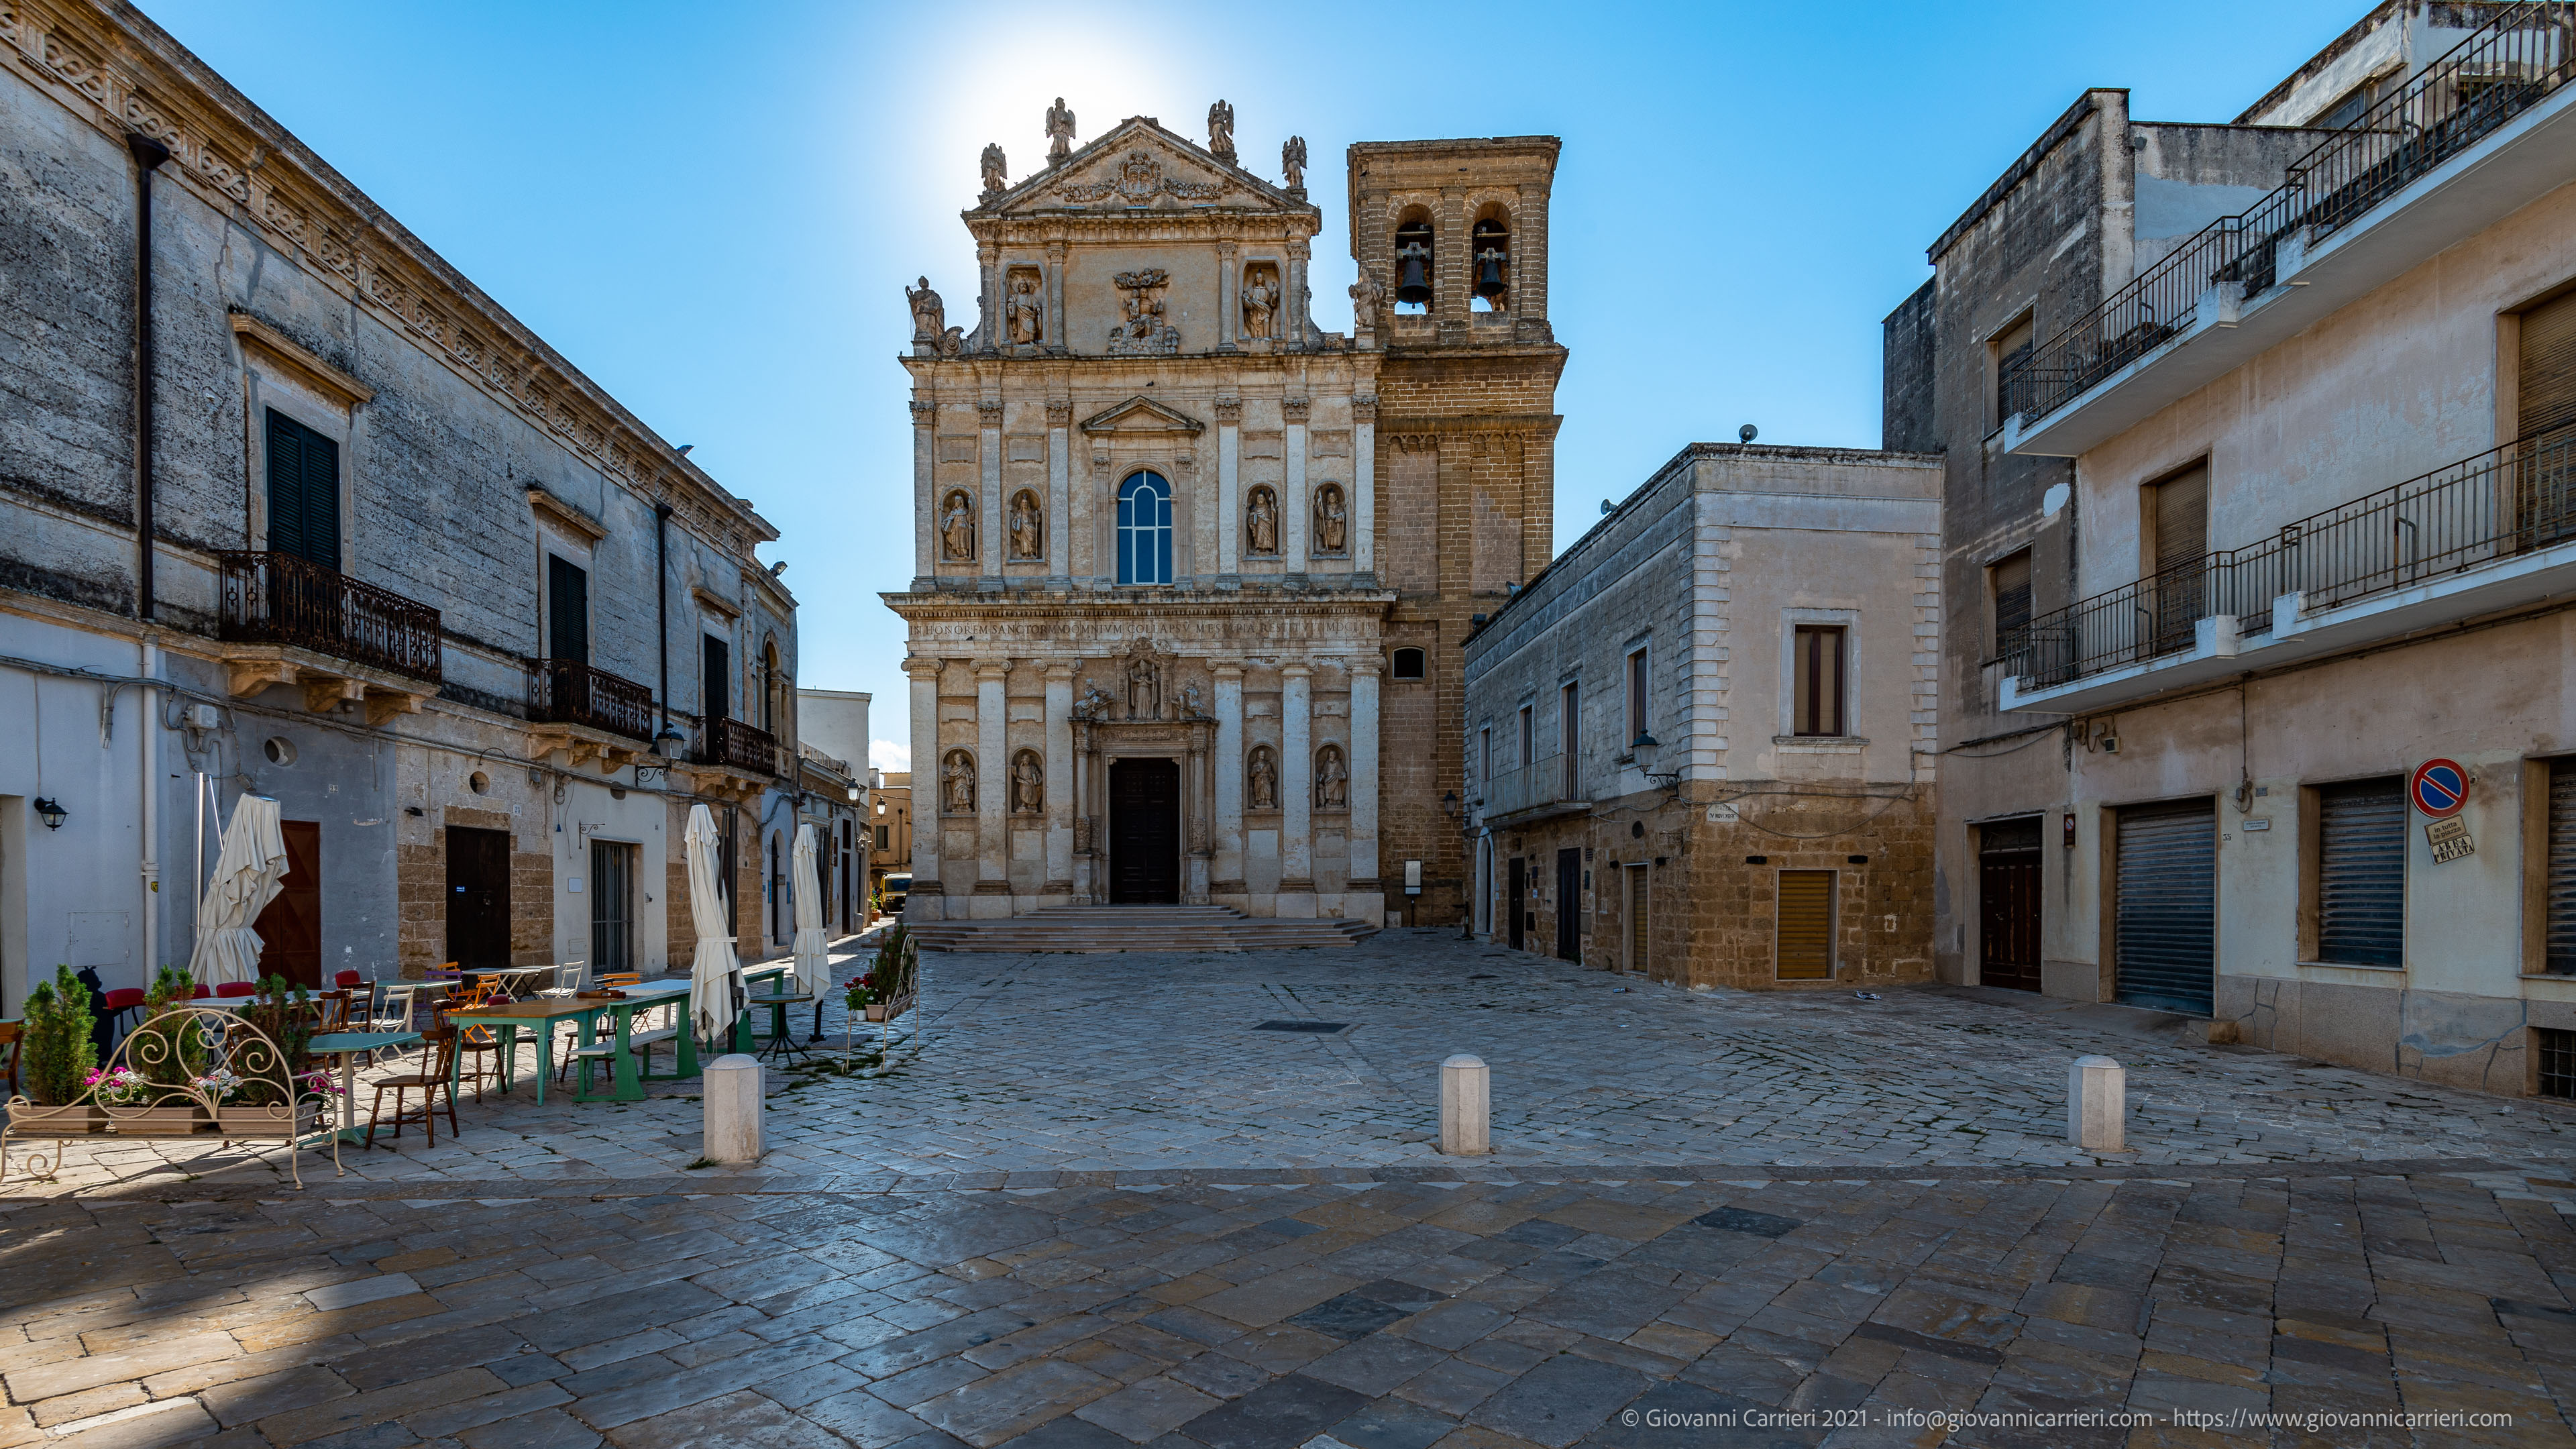 La chiesa matrice di Mesagne La chiesa matrice degli Ognissanti, di architettura barocca, nel cuore del centro storico di Mesagne